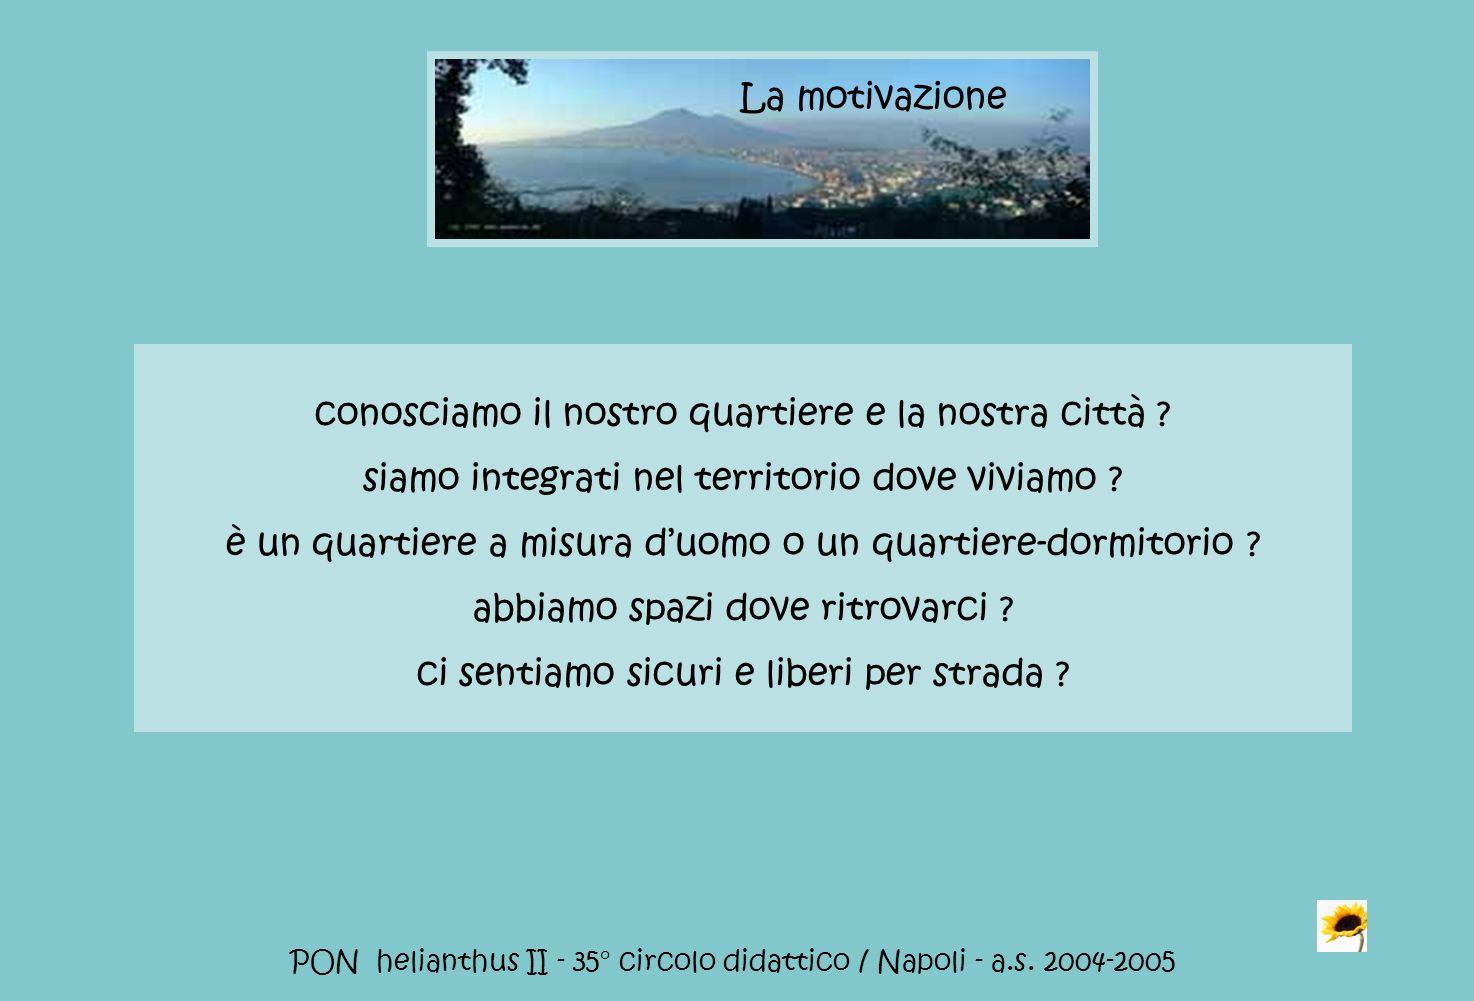 PON helianthus II - 35° circolo didattico / Napoli - a.s. 2004-2005 conosciamo il nostro quartiere e la nostra città ? siamo integrati nel territorio